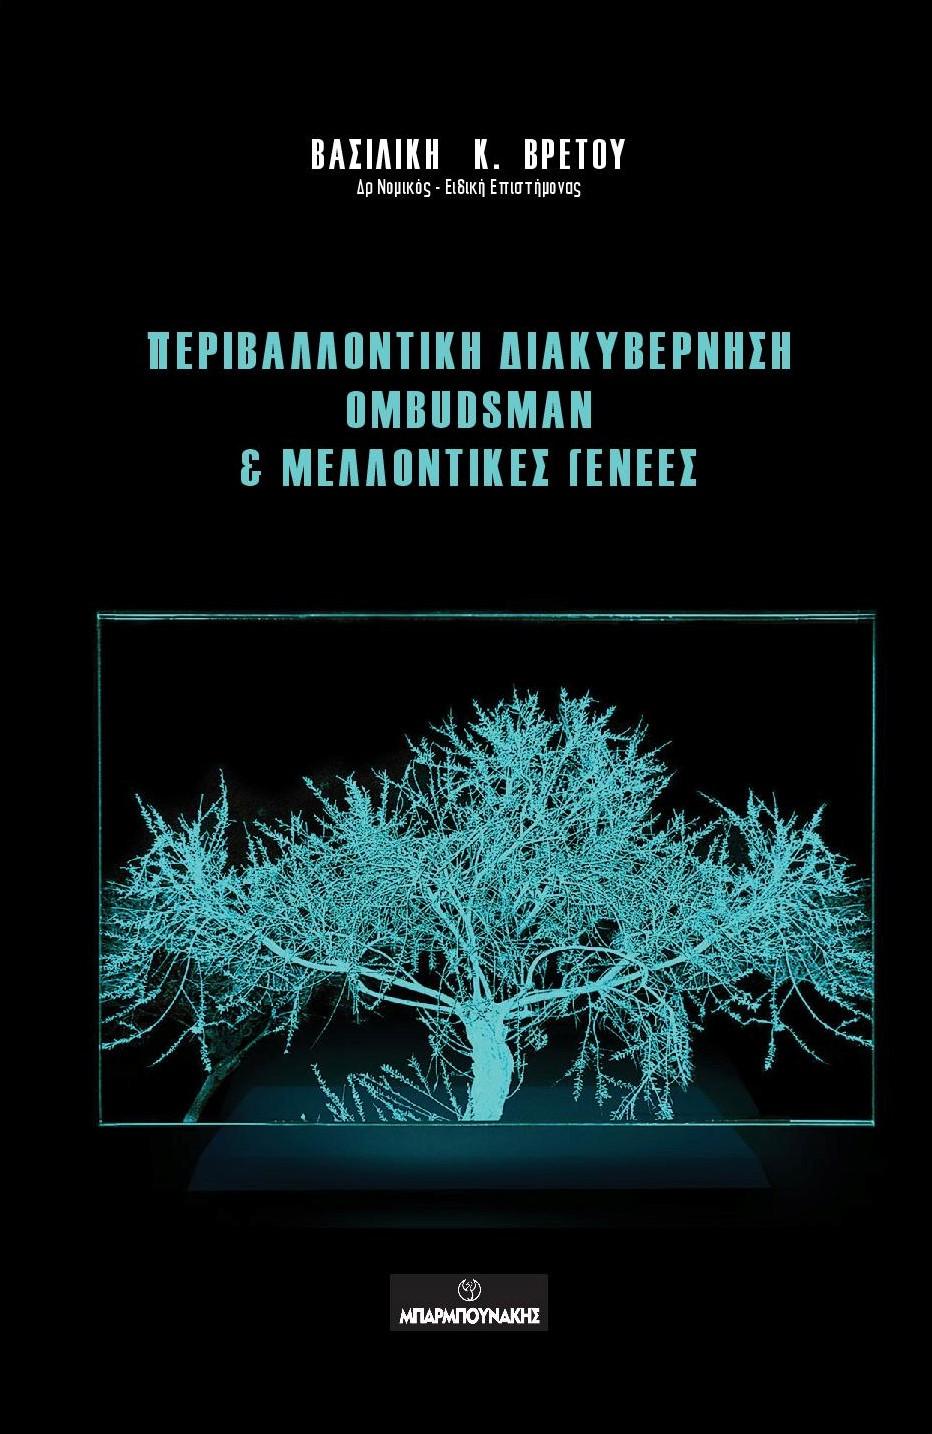 Περιβαλλοντική διακυβέρνηση Ombudsman & μελλοντικές γενεές, , Βρετού, Βασιλική Κ., Μπαρμπουνάκης Χ., 2020